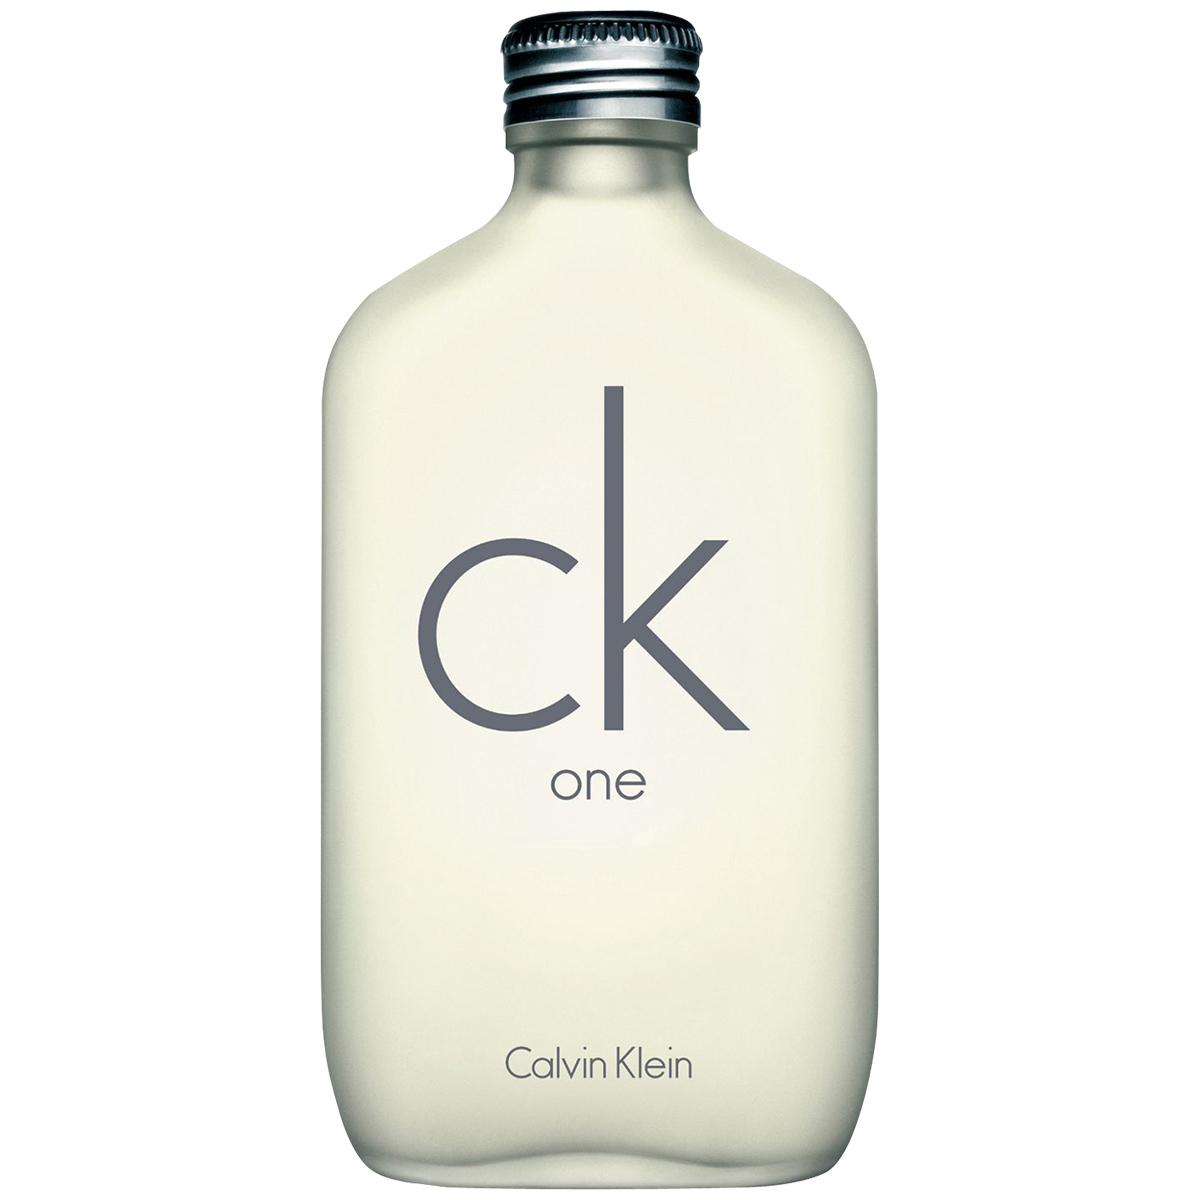 Eau de Toilette cK one - CALVIN KLEIN